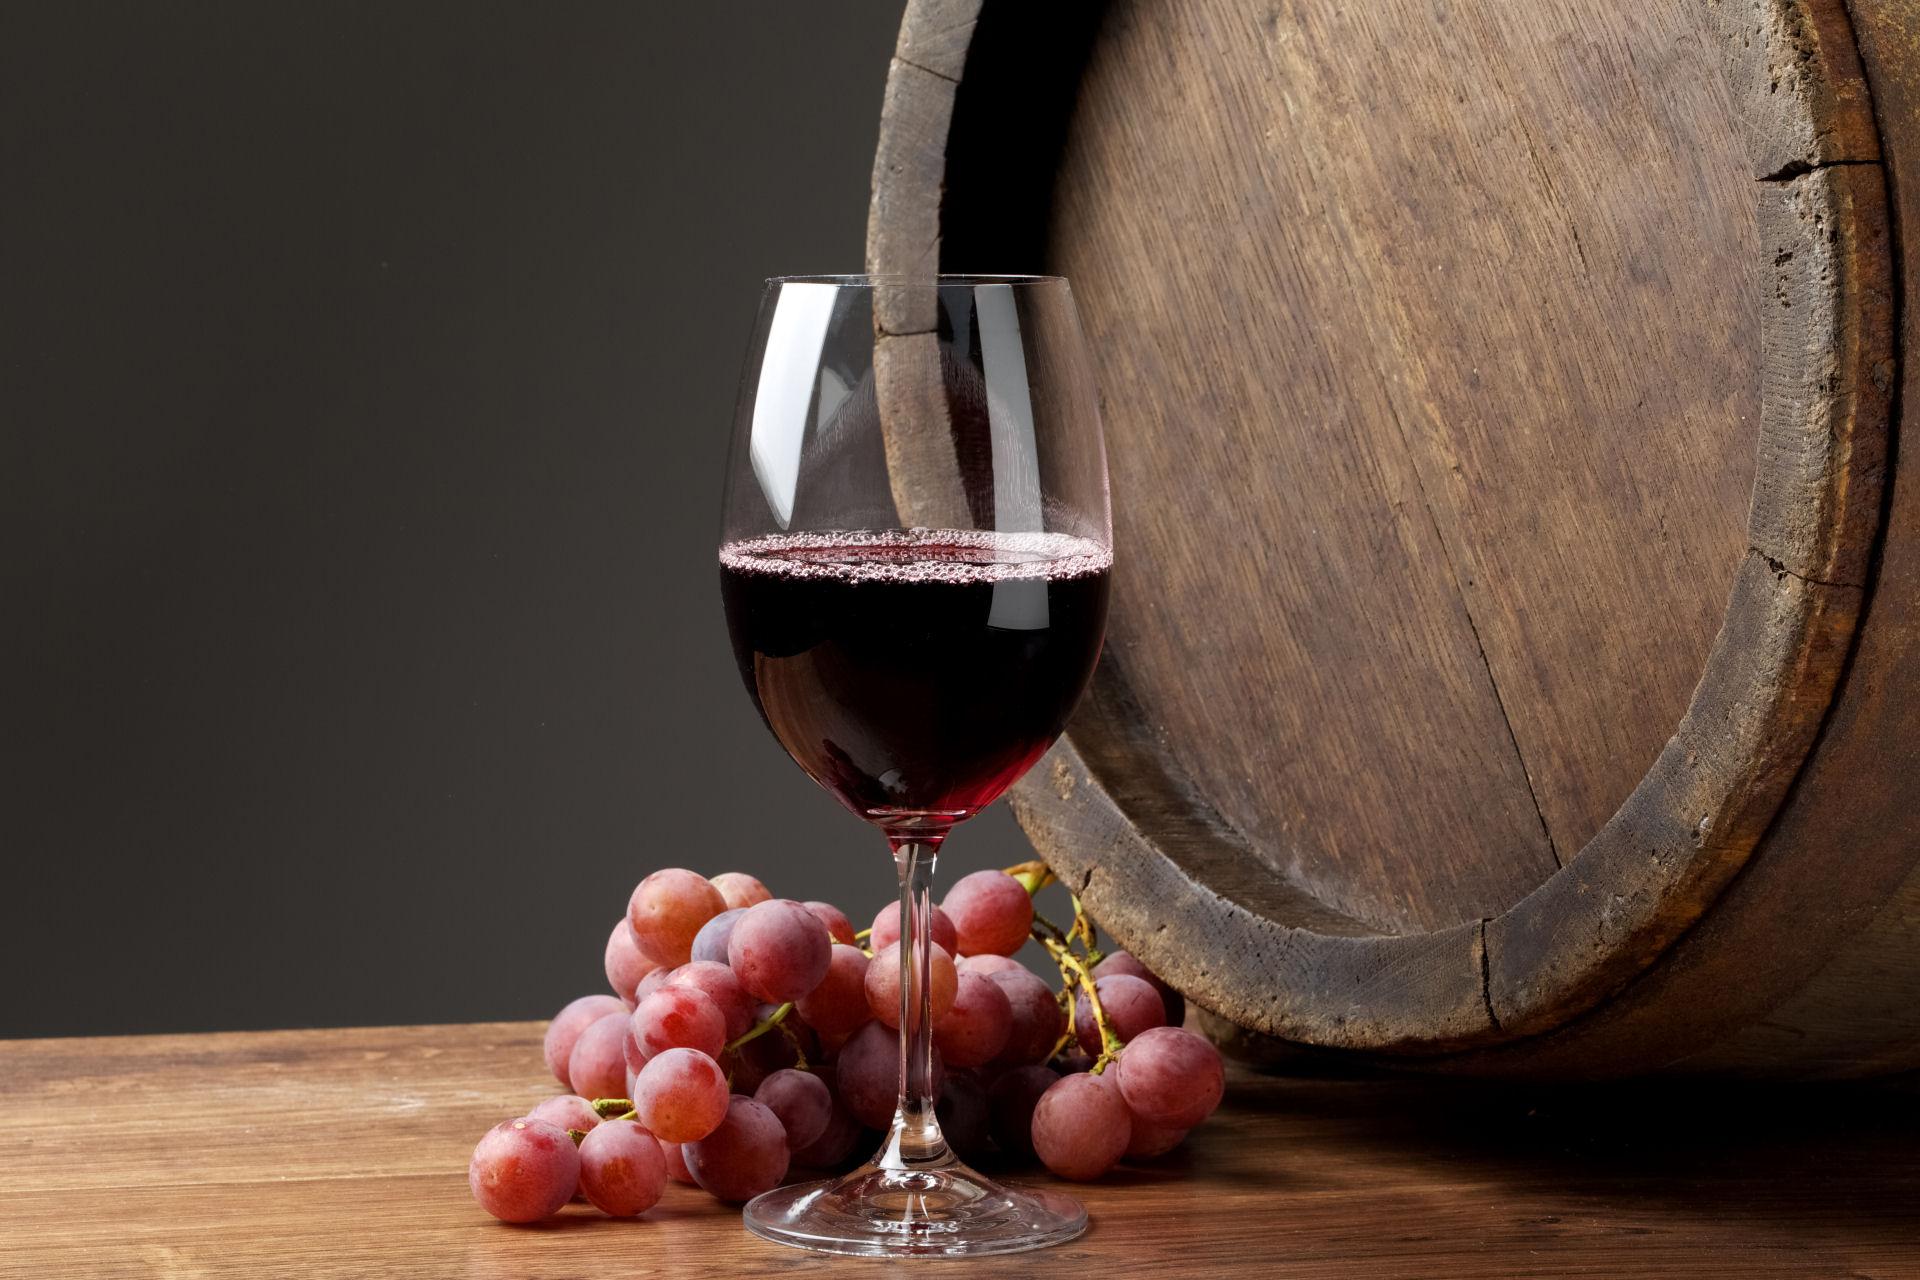 <p>Nabízíme<br /> <strong>KVALITNÍ VÍNA</strong><br /> předních českých vinařů</p>